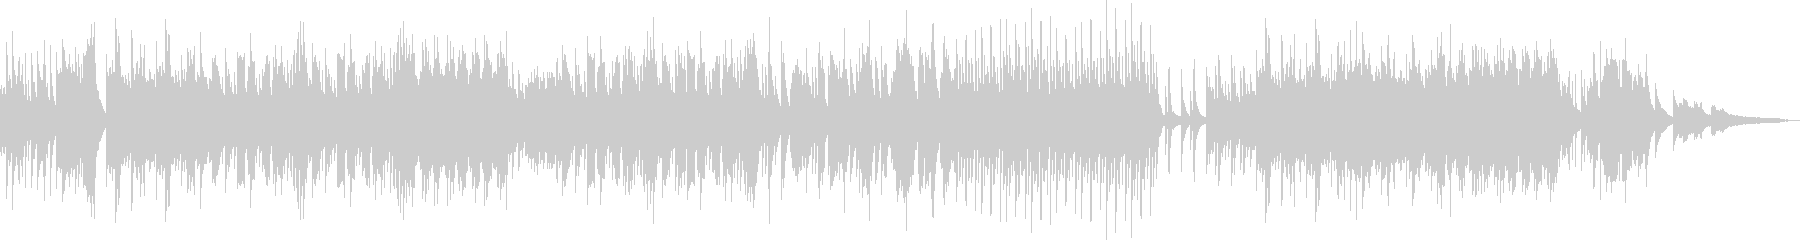 夏の癒し・ピアノと三味線の二重奏の未再生の波形